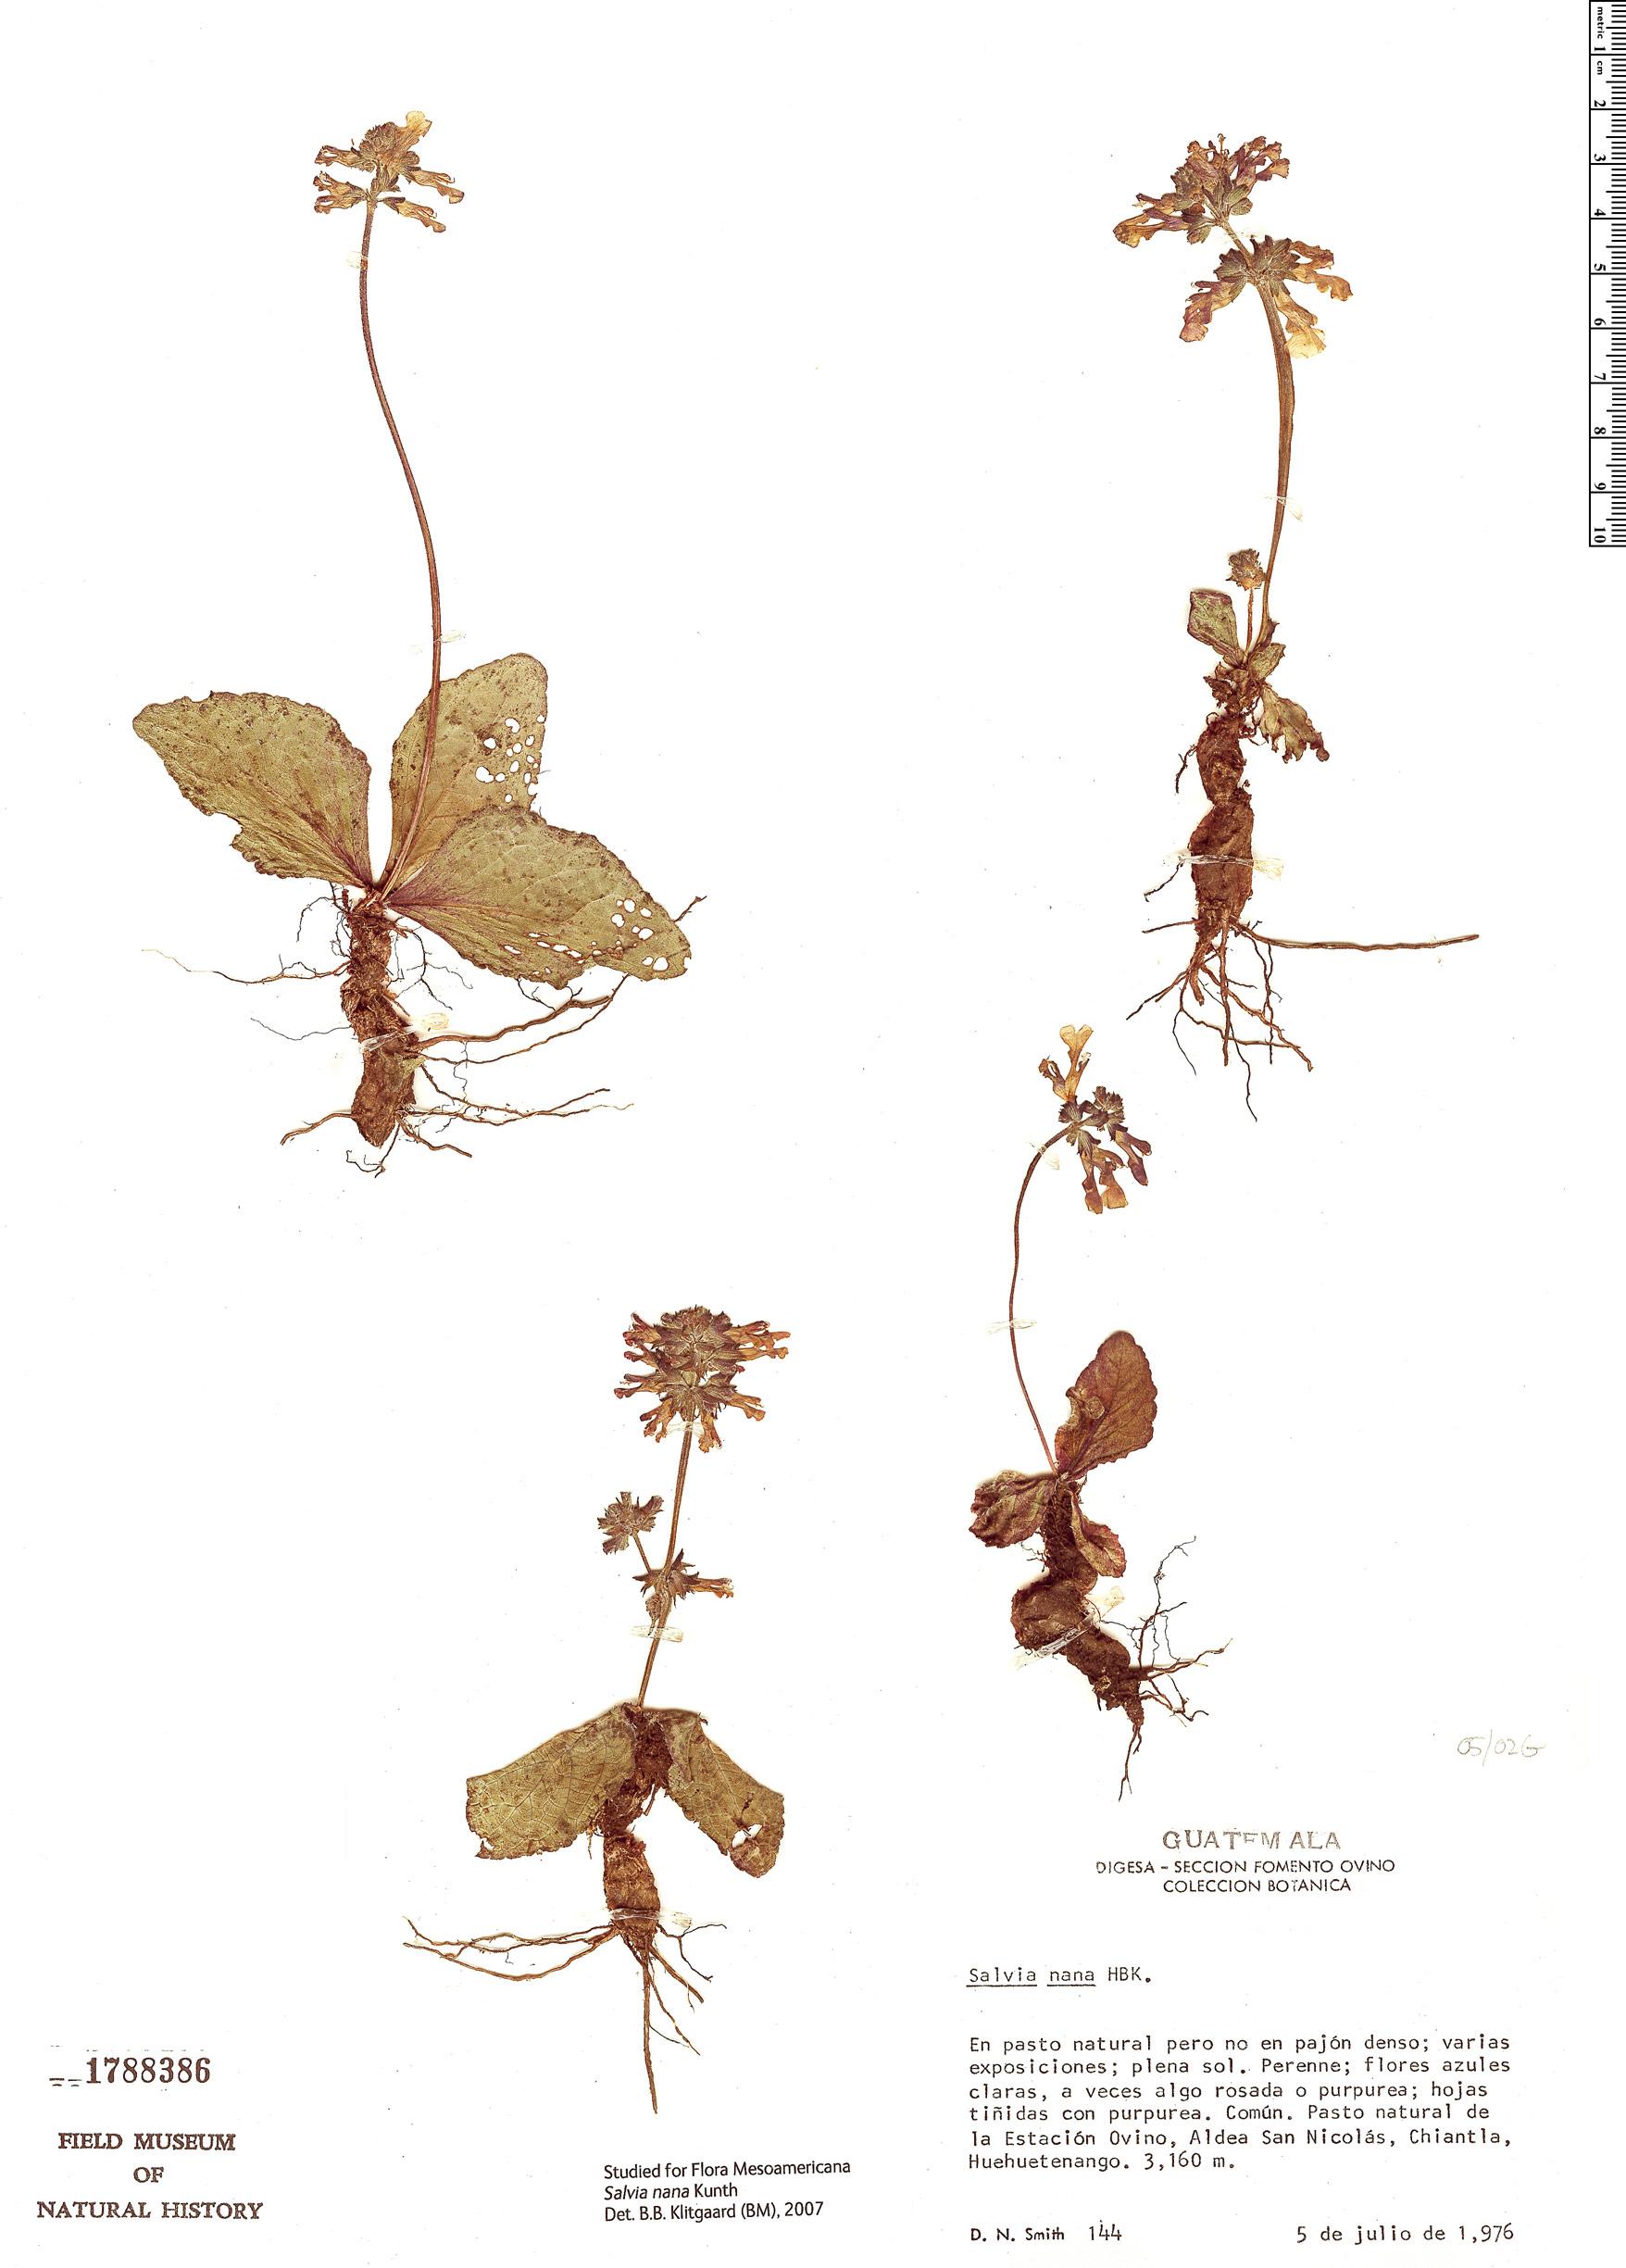 Espécimen: Salvia nana